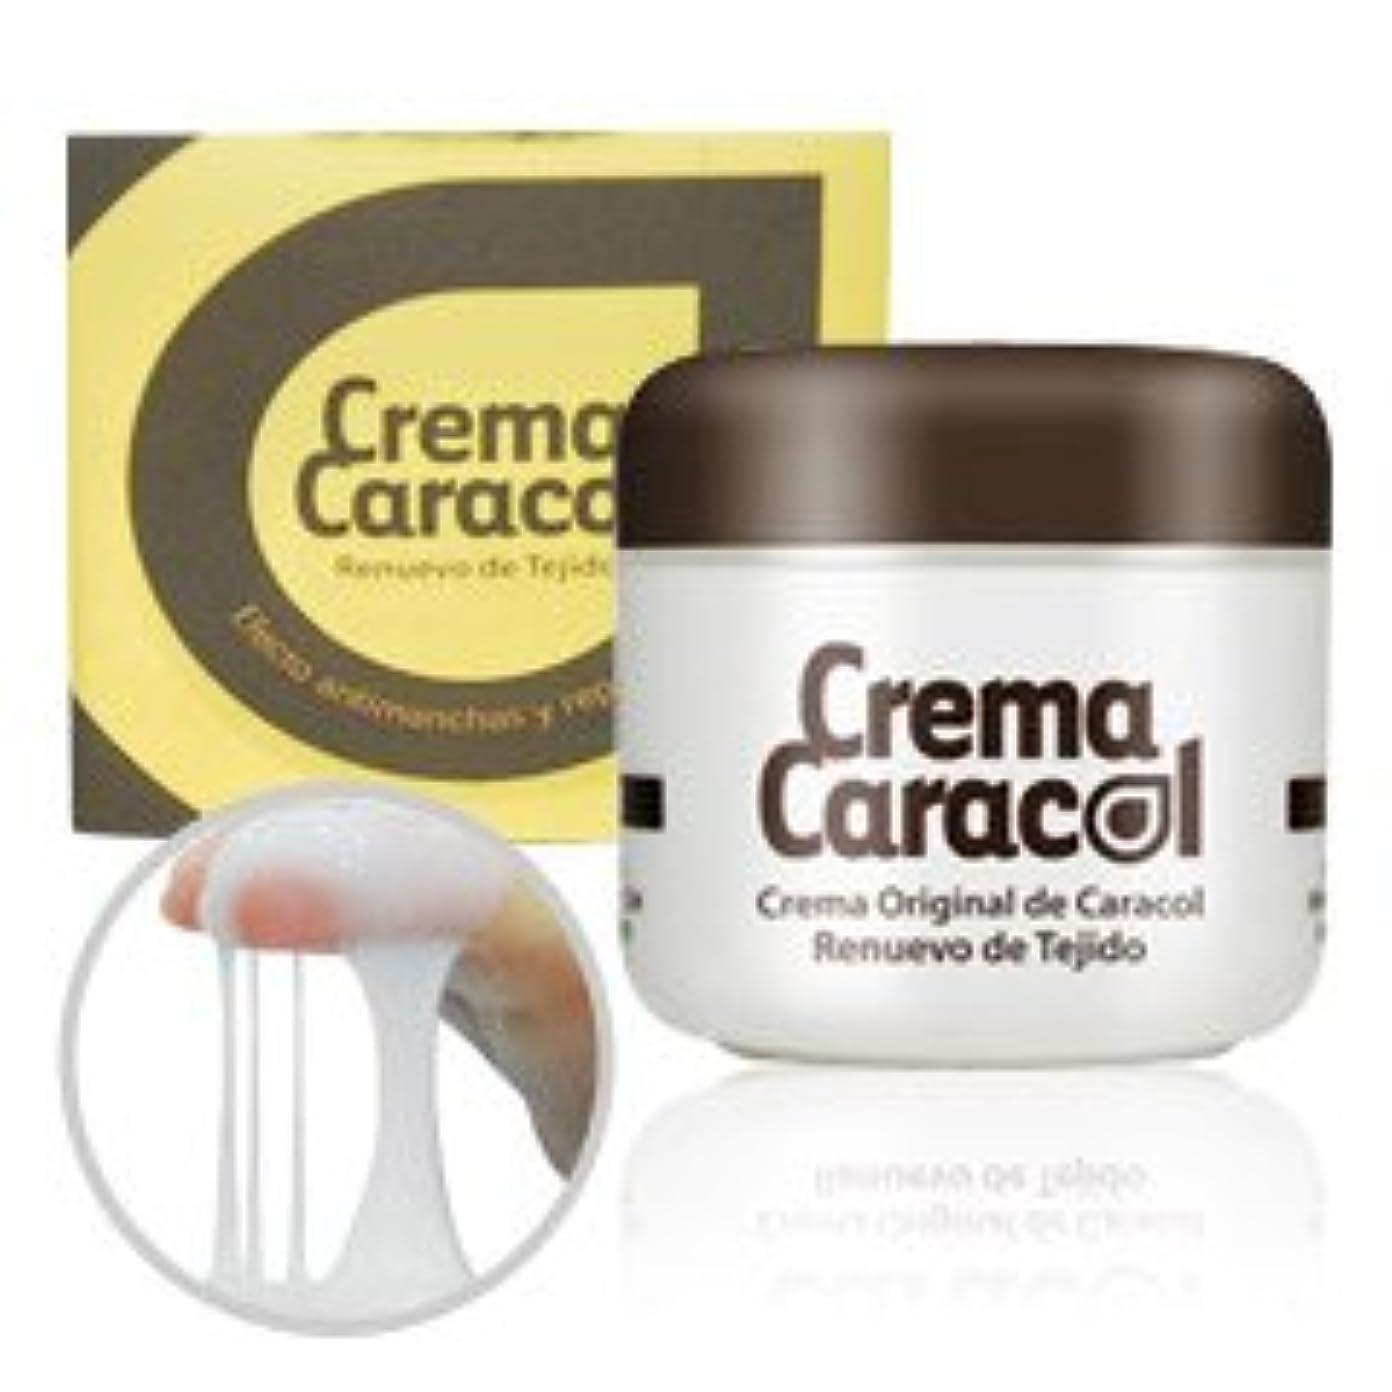 ランダムバタフライ通信するcrema caracol(カラコール) かたつむりクリーム 3個セット